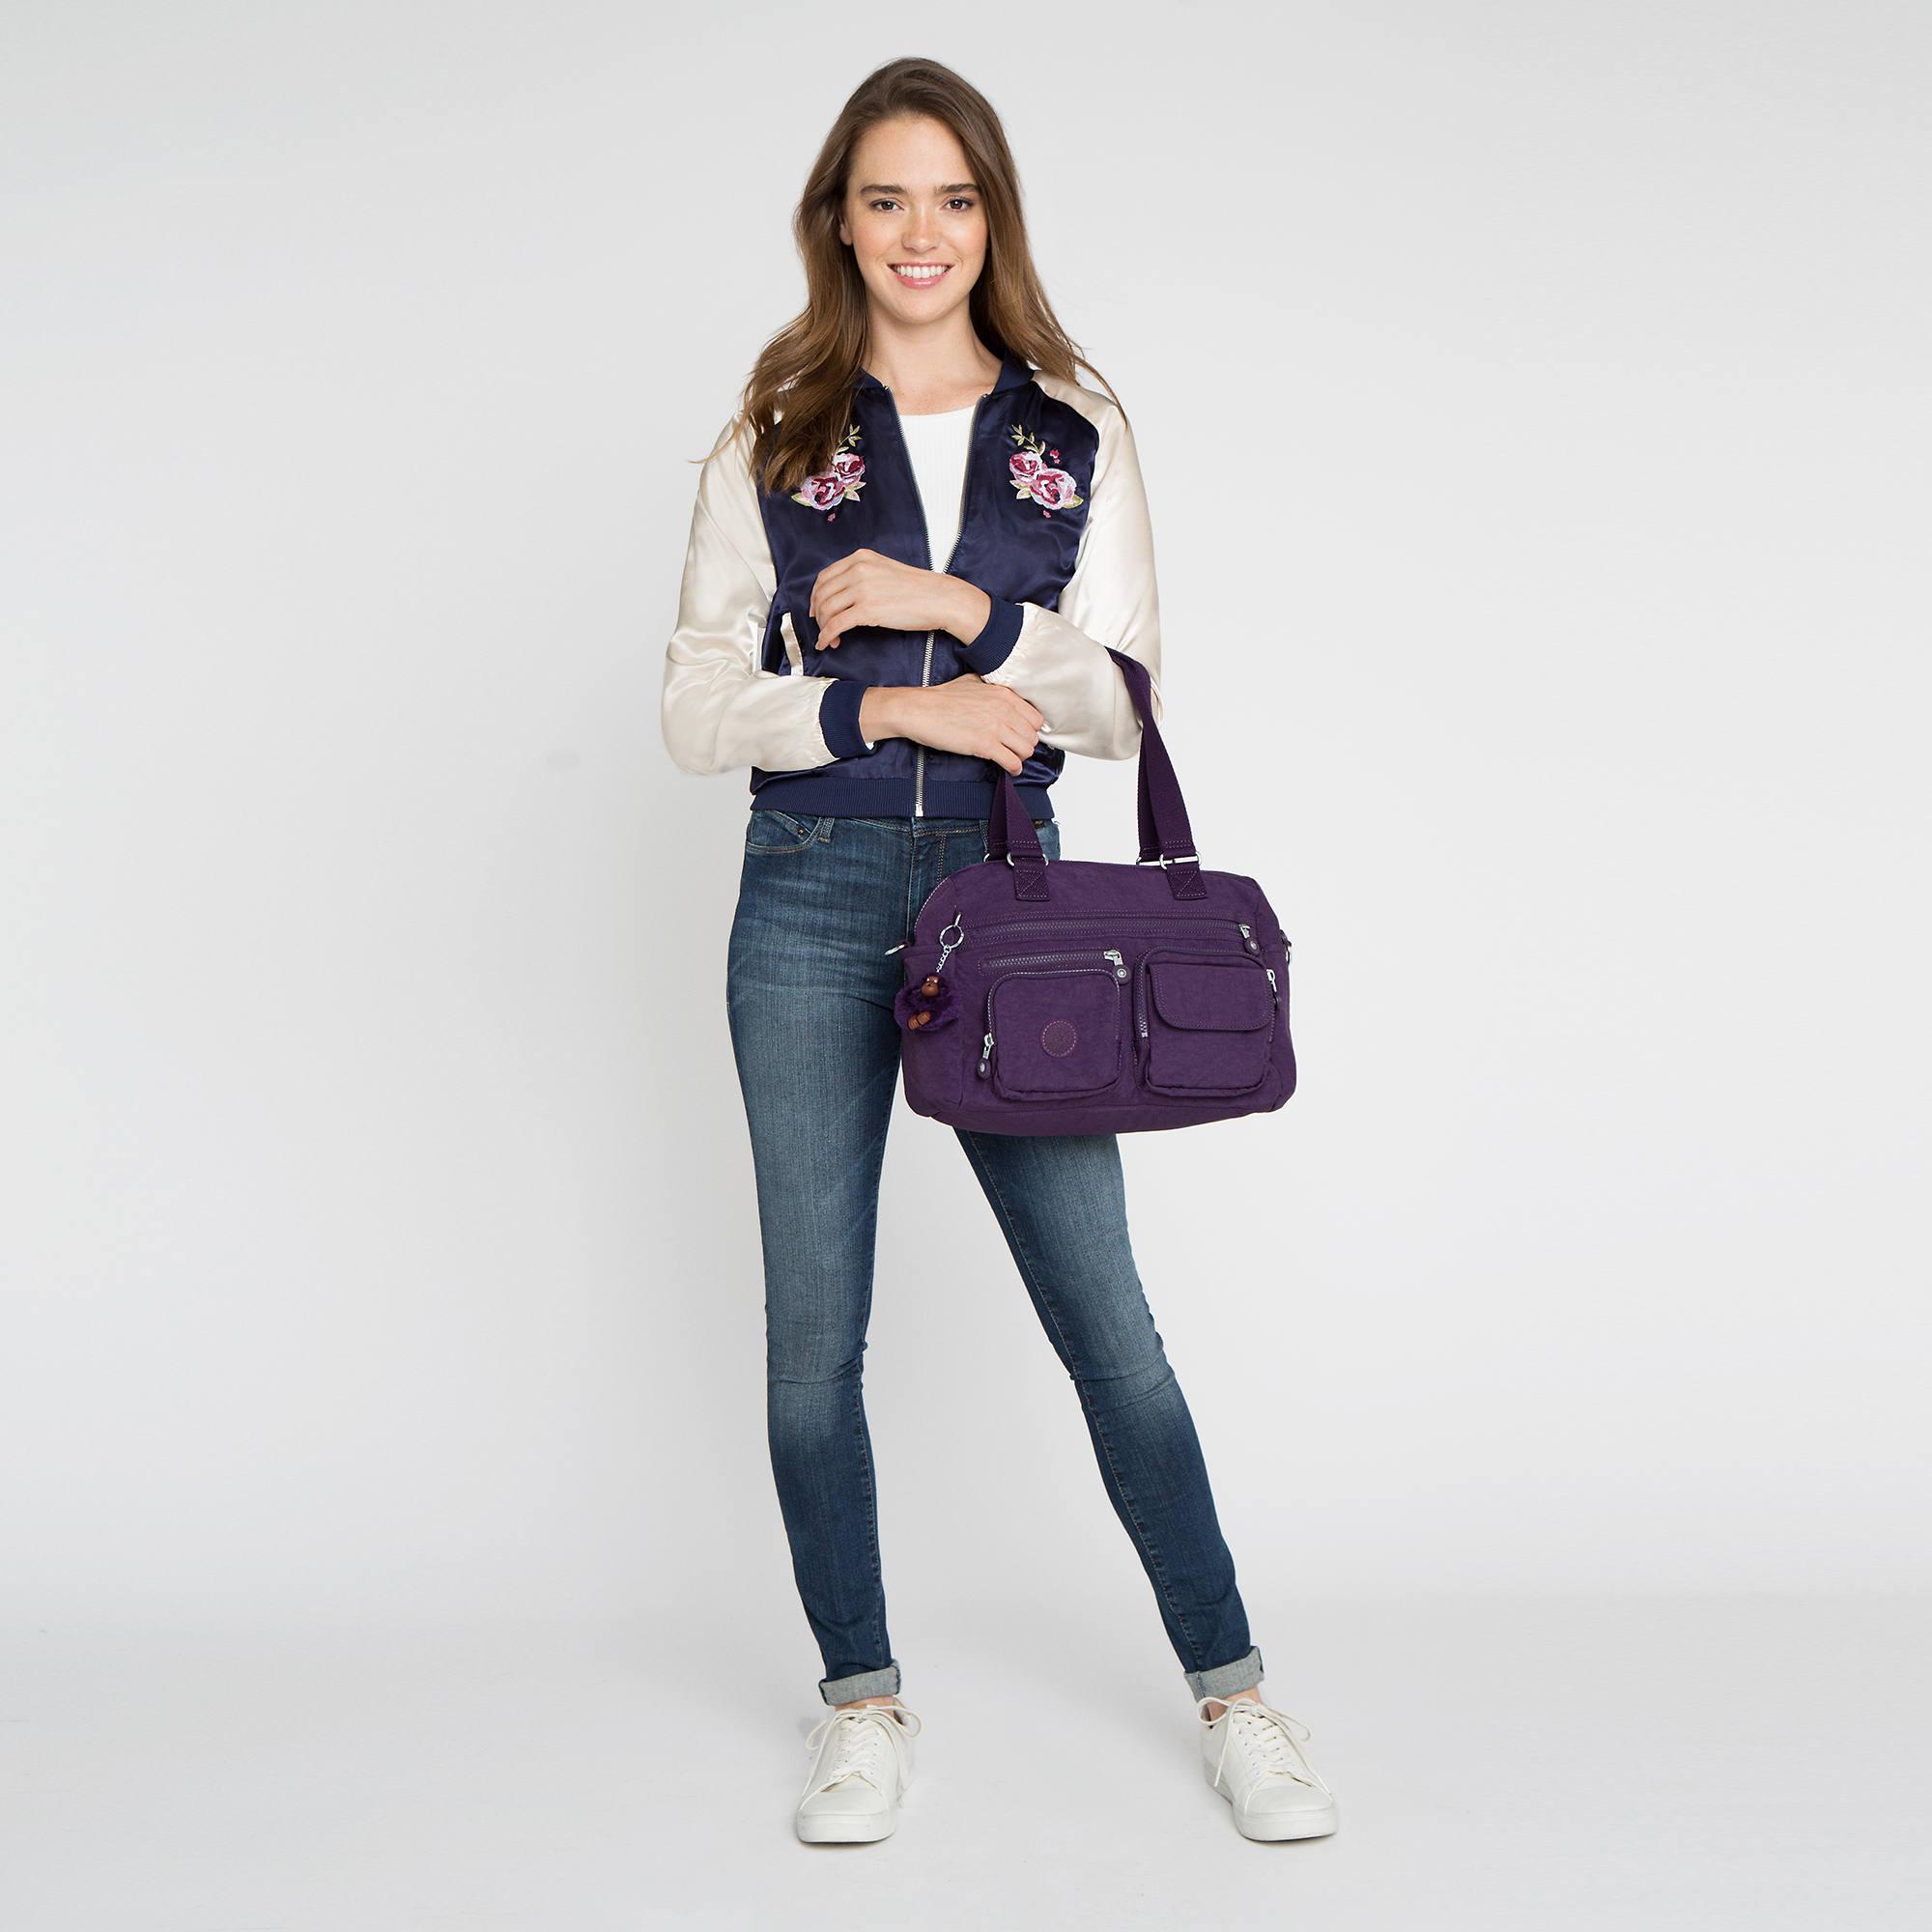 Mara Handbag Kipling